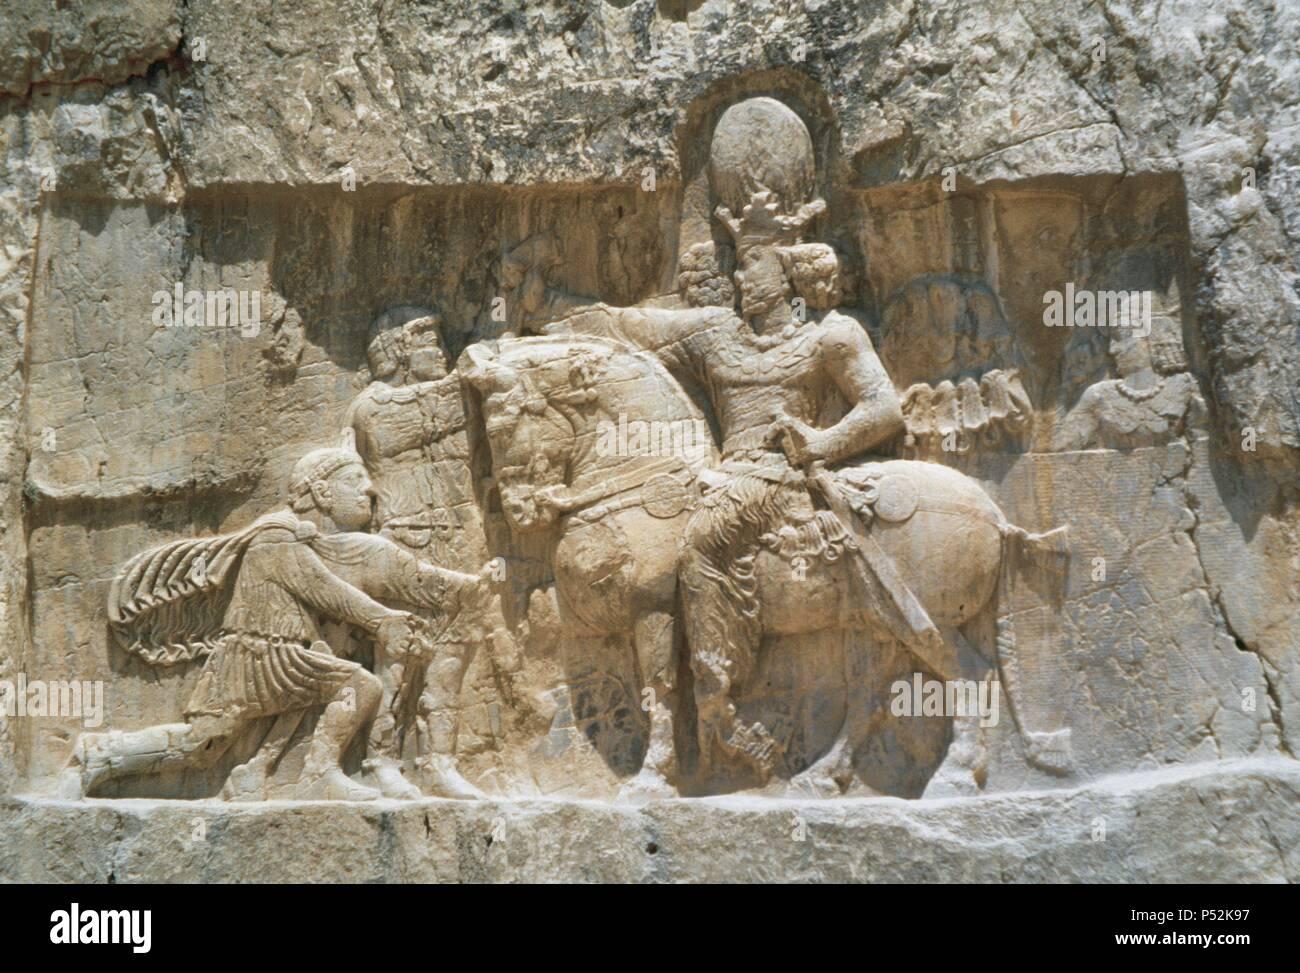 """ARTE PERSA-PERIODO SASANIDA. Bajorrelieve del """"TRIUNFO DE SEPUR I', donde se narra la rendición de los emperadores Valeriano y FILIPO 'el Arabe' tras las campañas de 252-261. A caballo el rey sasánida y arrodillado ante él, Valeriano, su prisionero hasta su muerte. Aliviar del s. III d. C. NAQSH-E ROSTAM (Naqsh-e Rustam). Provincia de Fars. República Islámica de Irán. Foto de stock"""